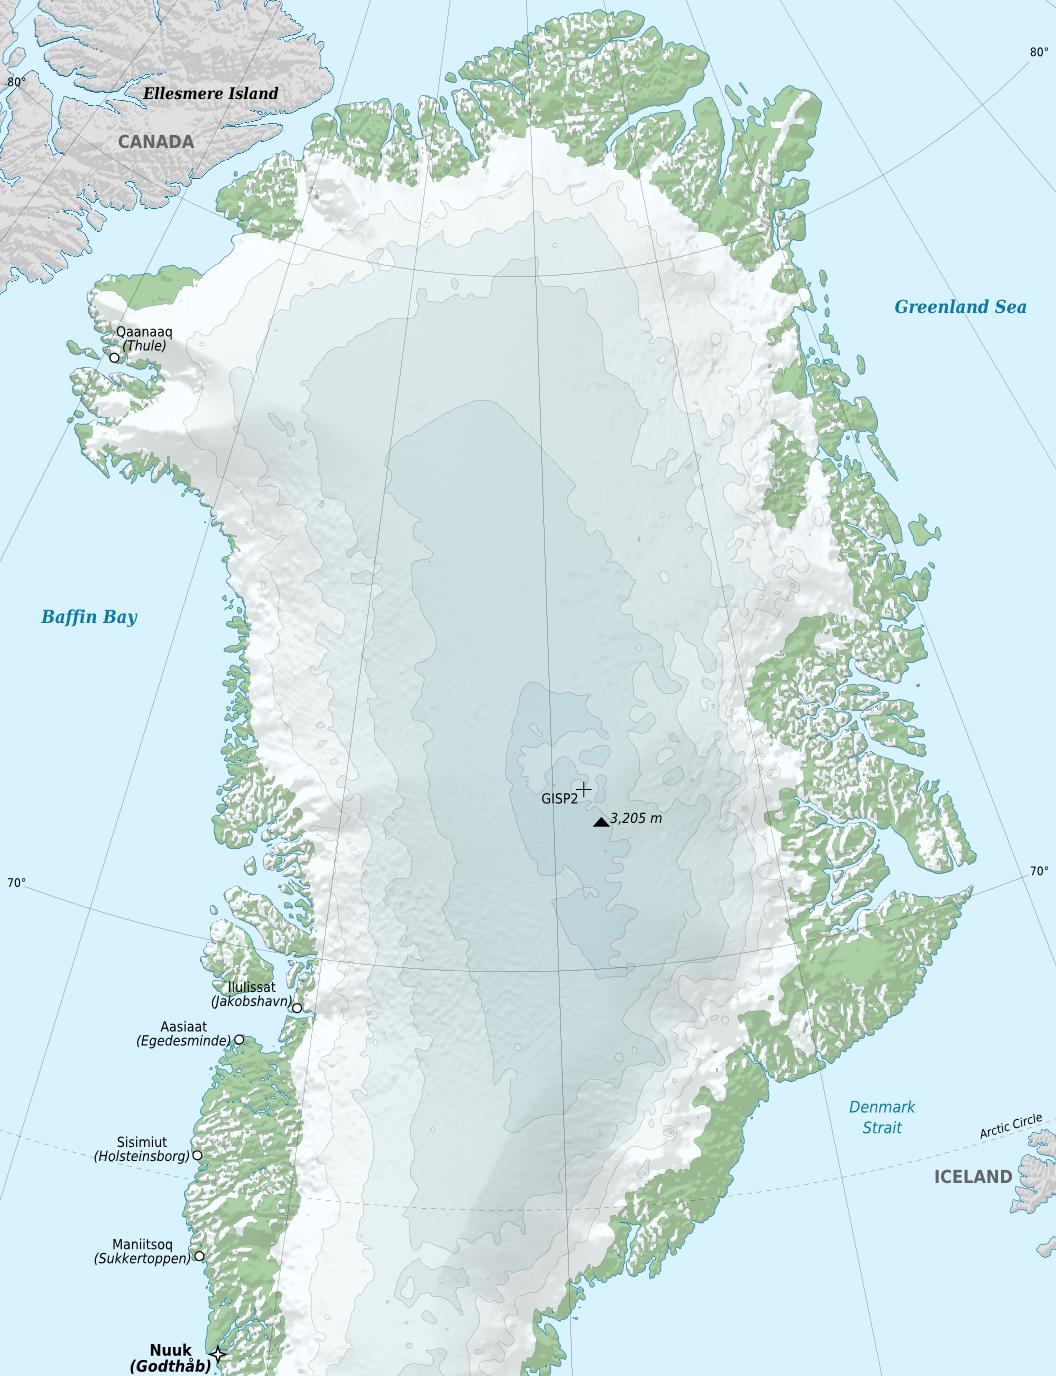 Mapa físico de Groenlandia en el que se observa el nivel de deshielo de la costa